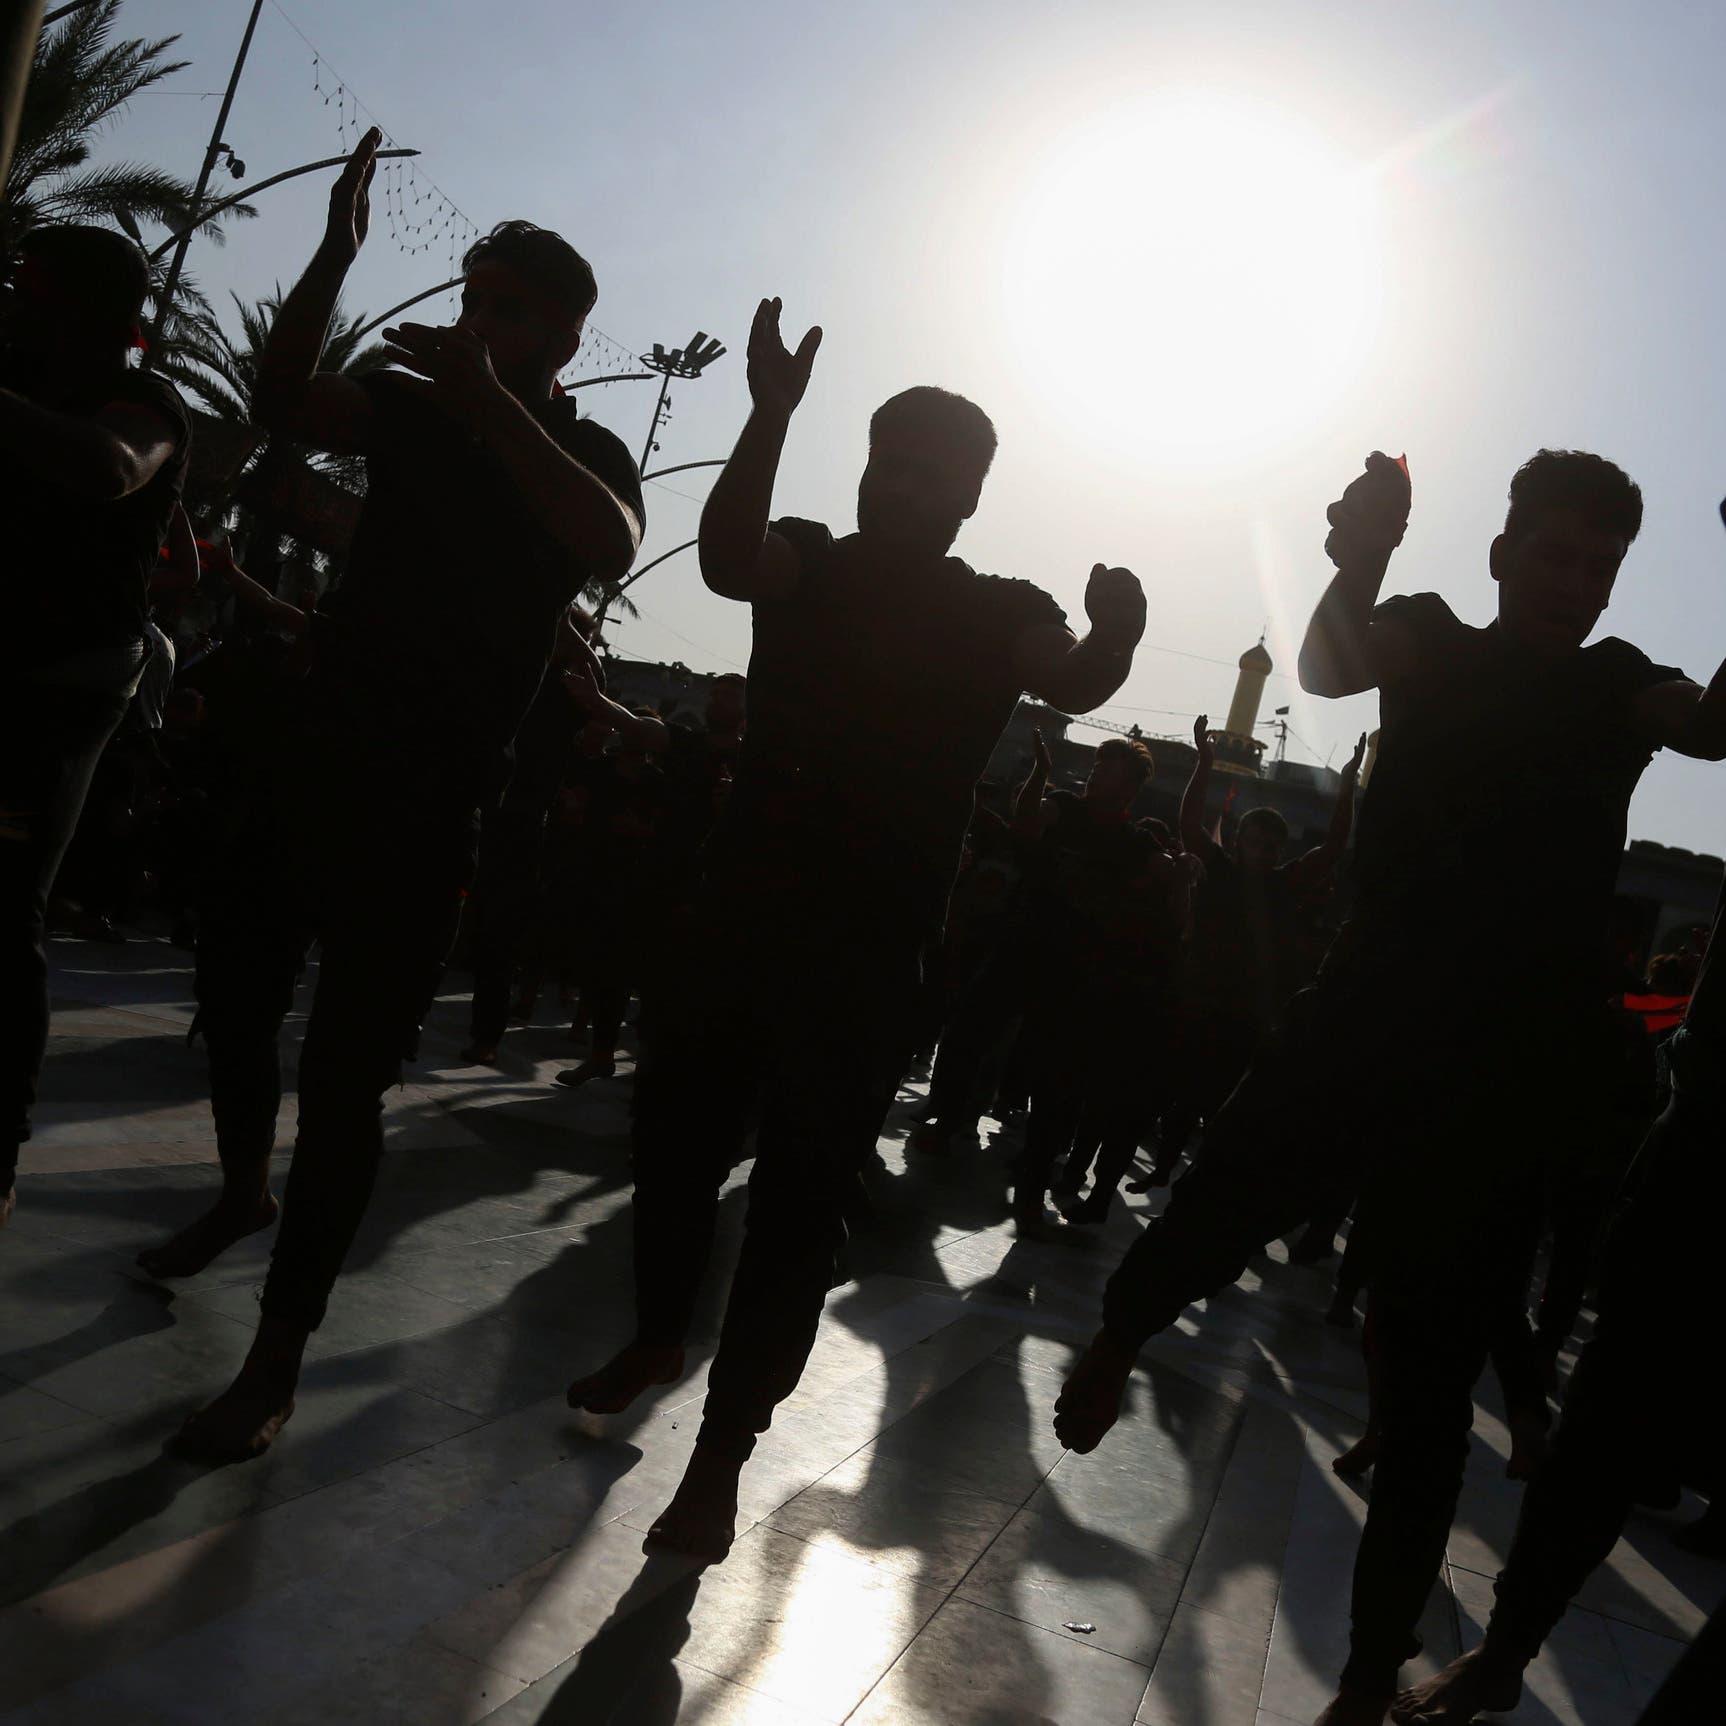 احتجاجات في كربلاء.. هتافات ضد إيران واشتباك مع الأمن